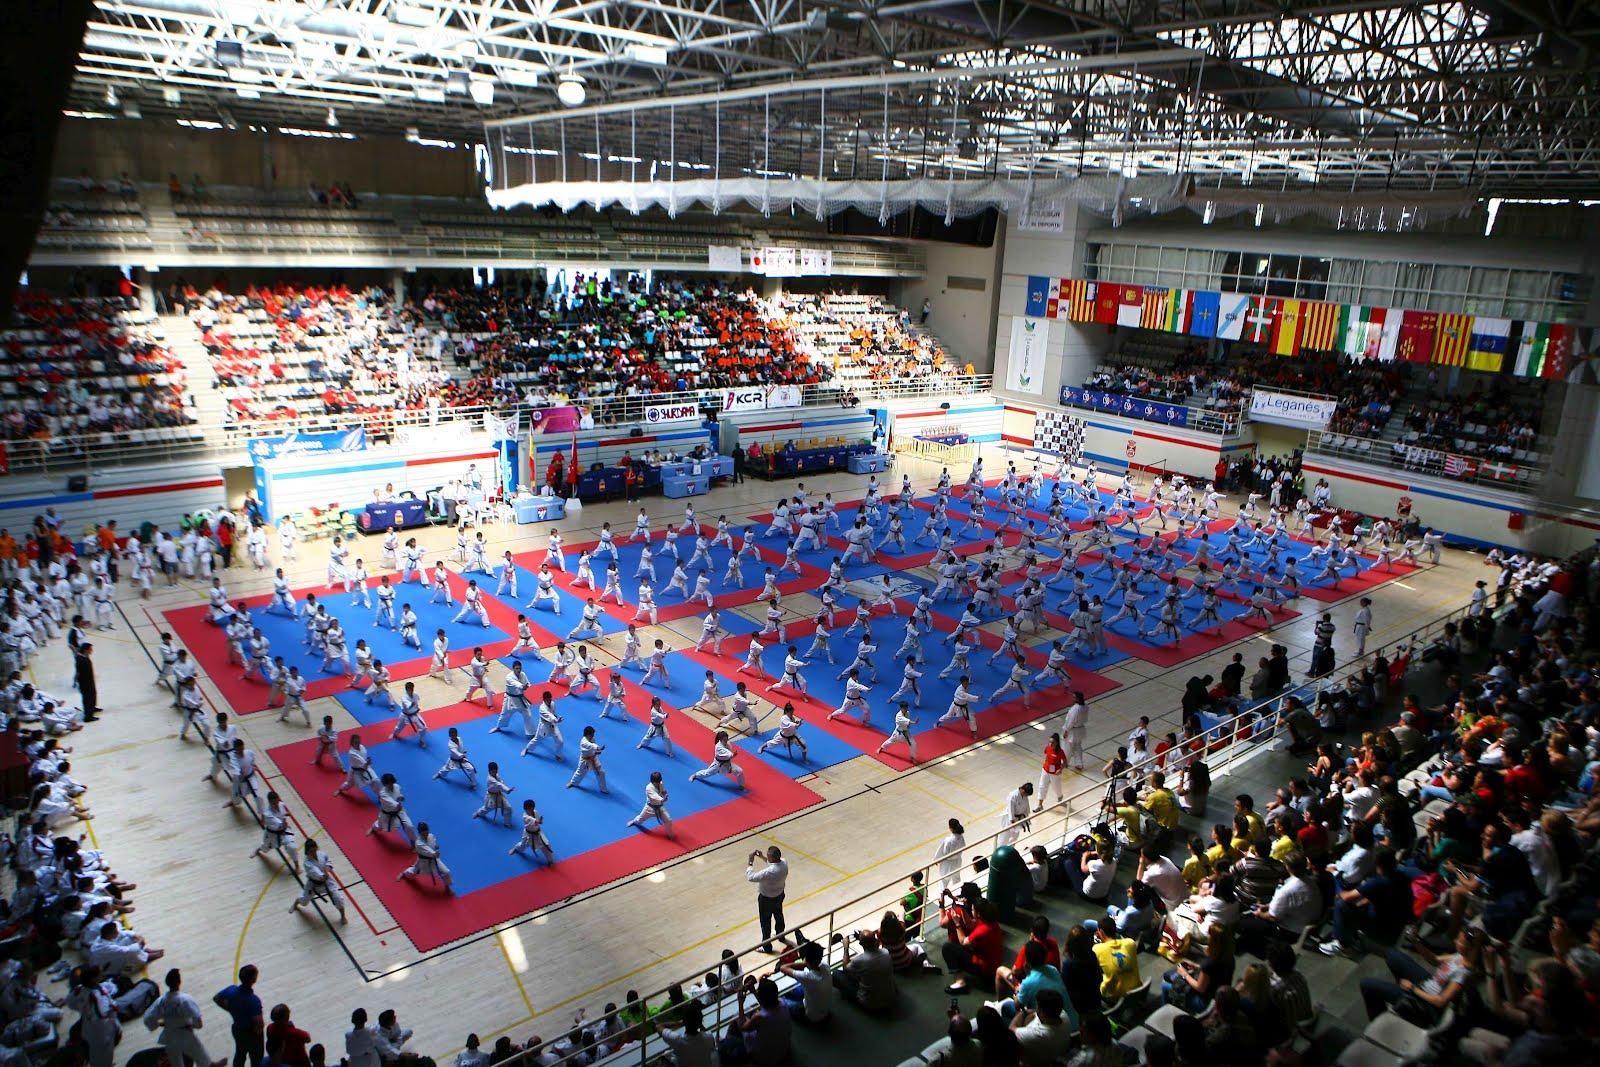 Gran xito de participaci n y de p blico en el campeonato - Pabellon de deportes de madrid ...